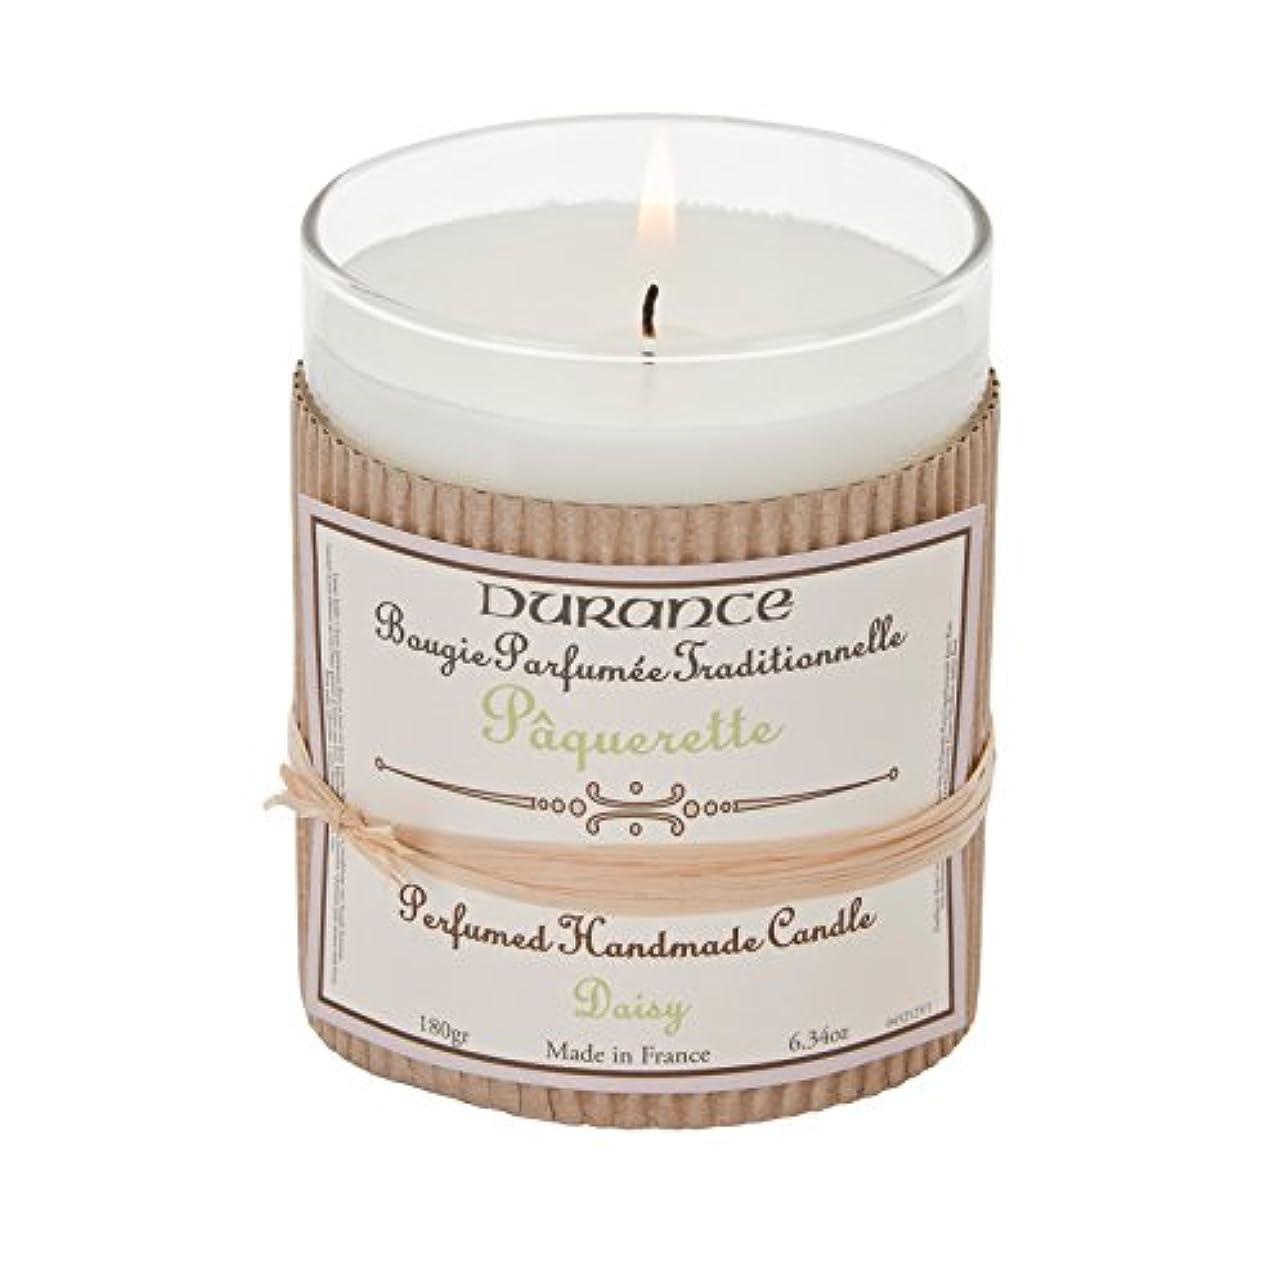 圧倒的バルブズームDurance De Provence Hand Crafted Scented Candle - Daisy